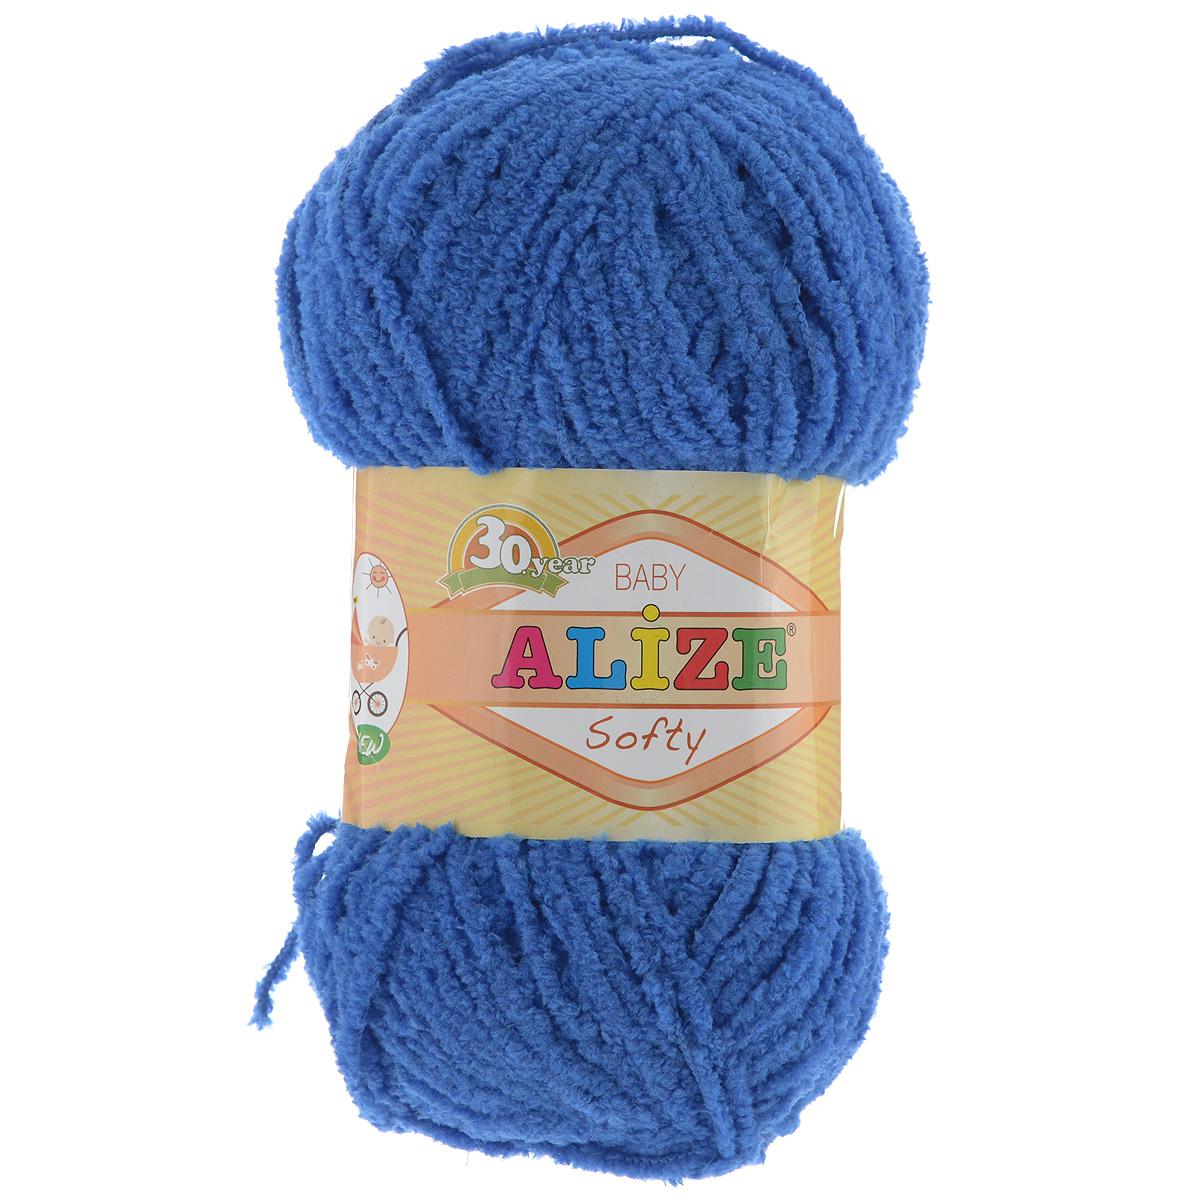 Пряжа для вязания Alize Softy, цвет: синий (141), 115 м, 50 г, 5 шт694530_141Пряжа для вязания Alize Softy изготовлена из микрополиэстера. Фантазийная плюшевая пряжа для ручного вязания прекрасно подойдет для детской одежды. Ниточка мягкая и приятная на ощупь. Подходит для вязания спицами и крючком. Рекомендованные спицы 3-5 мм и крючок для вязания 2-4 мм. Комплектация: 5 мотков.